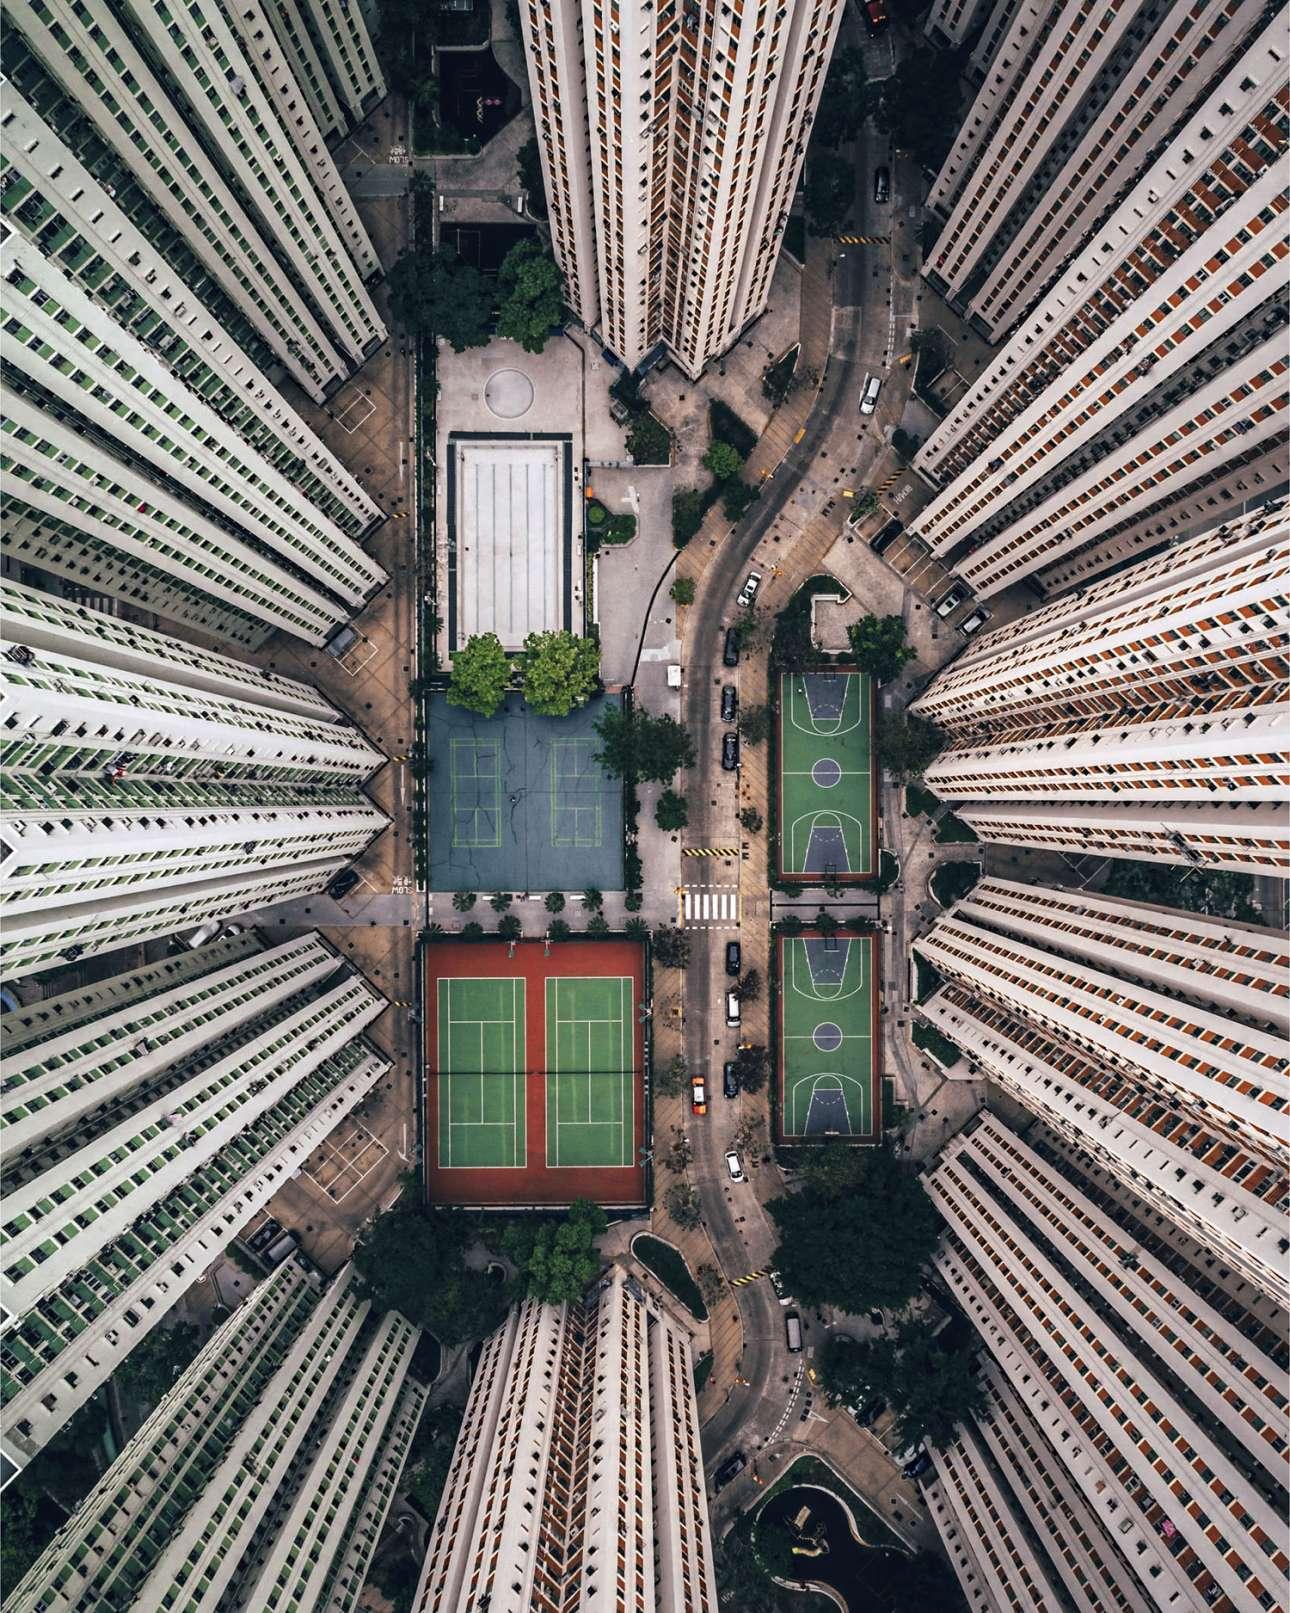 «Μόνος μέσα στα πλήθη». Τιμητική διάκριση στην κατηγορία Πόλεις. Ο Γκάρι Κάμινς προσπαθεί να αποτυπώσει τις έντονες και «στοιβαγμένες» συνθήκες διαβίωσης που επικρατούν στο Χονγκ Κονγκ, διάσημο για την προοπτική που προσφέρει στον επισκέπτη. «Με τόσους πολλούς ανθρώπους να ζουν σε μικροσκοπικούς χώρους, είναι παράξενο να βλέπεις αυτές τις εγκαταστάσεις άδειες. Ως μοναχικός ταξιδιώτης, είμαι συχνά μόνος μέσα στο πλήθος και η φωτογραφία αυτή εκφράζει αυτό που νιώθω» λέει ο φωτογράφος